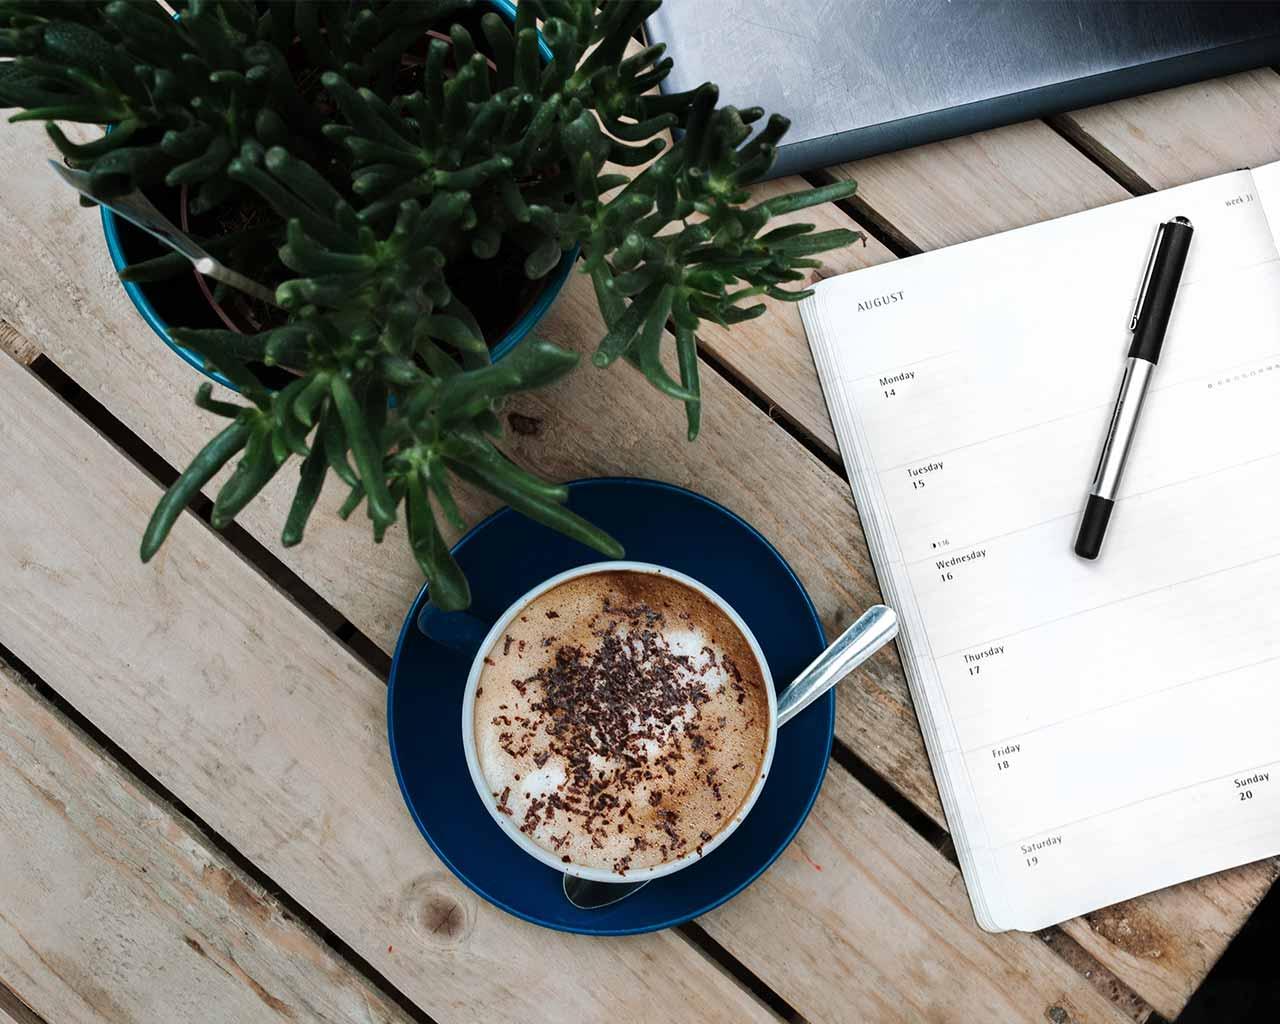 デスクに置いてあるコーヒーとノート